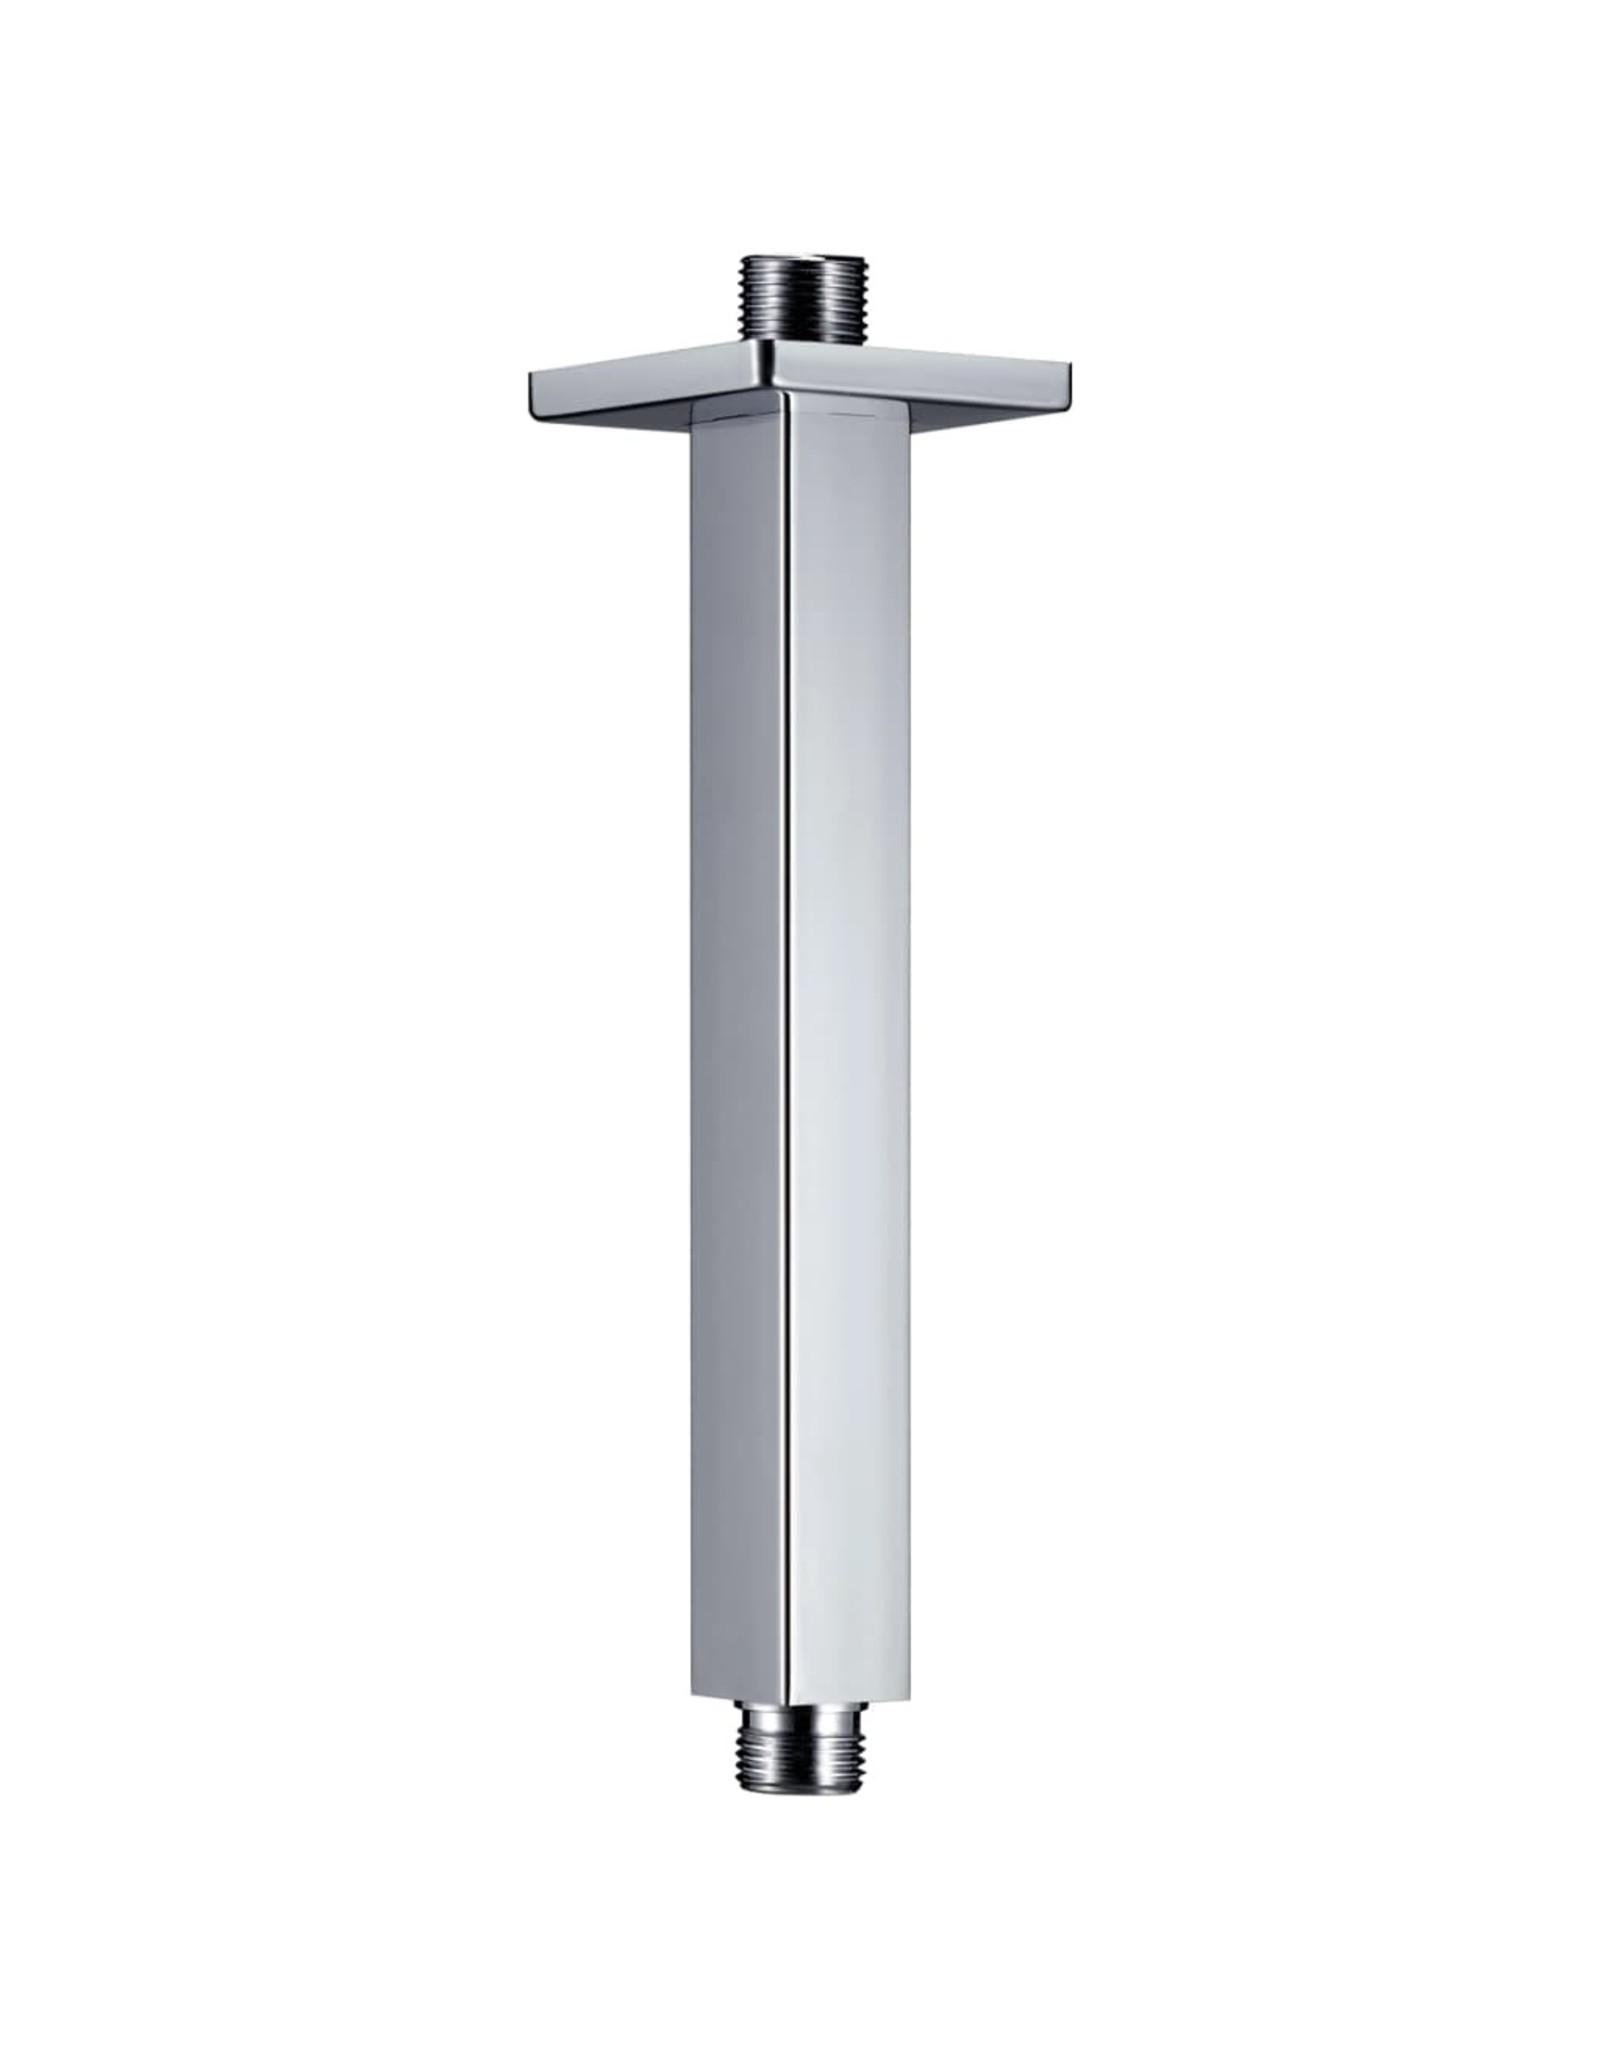 Douchearm vierkant 20 cm roestvrij staal 201 zilverkleurig